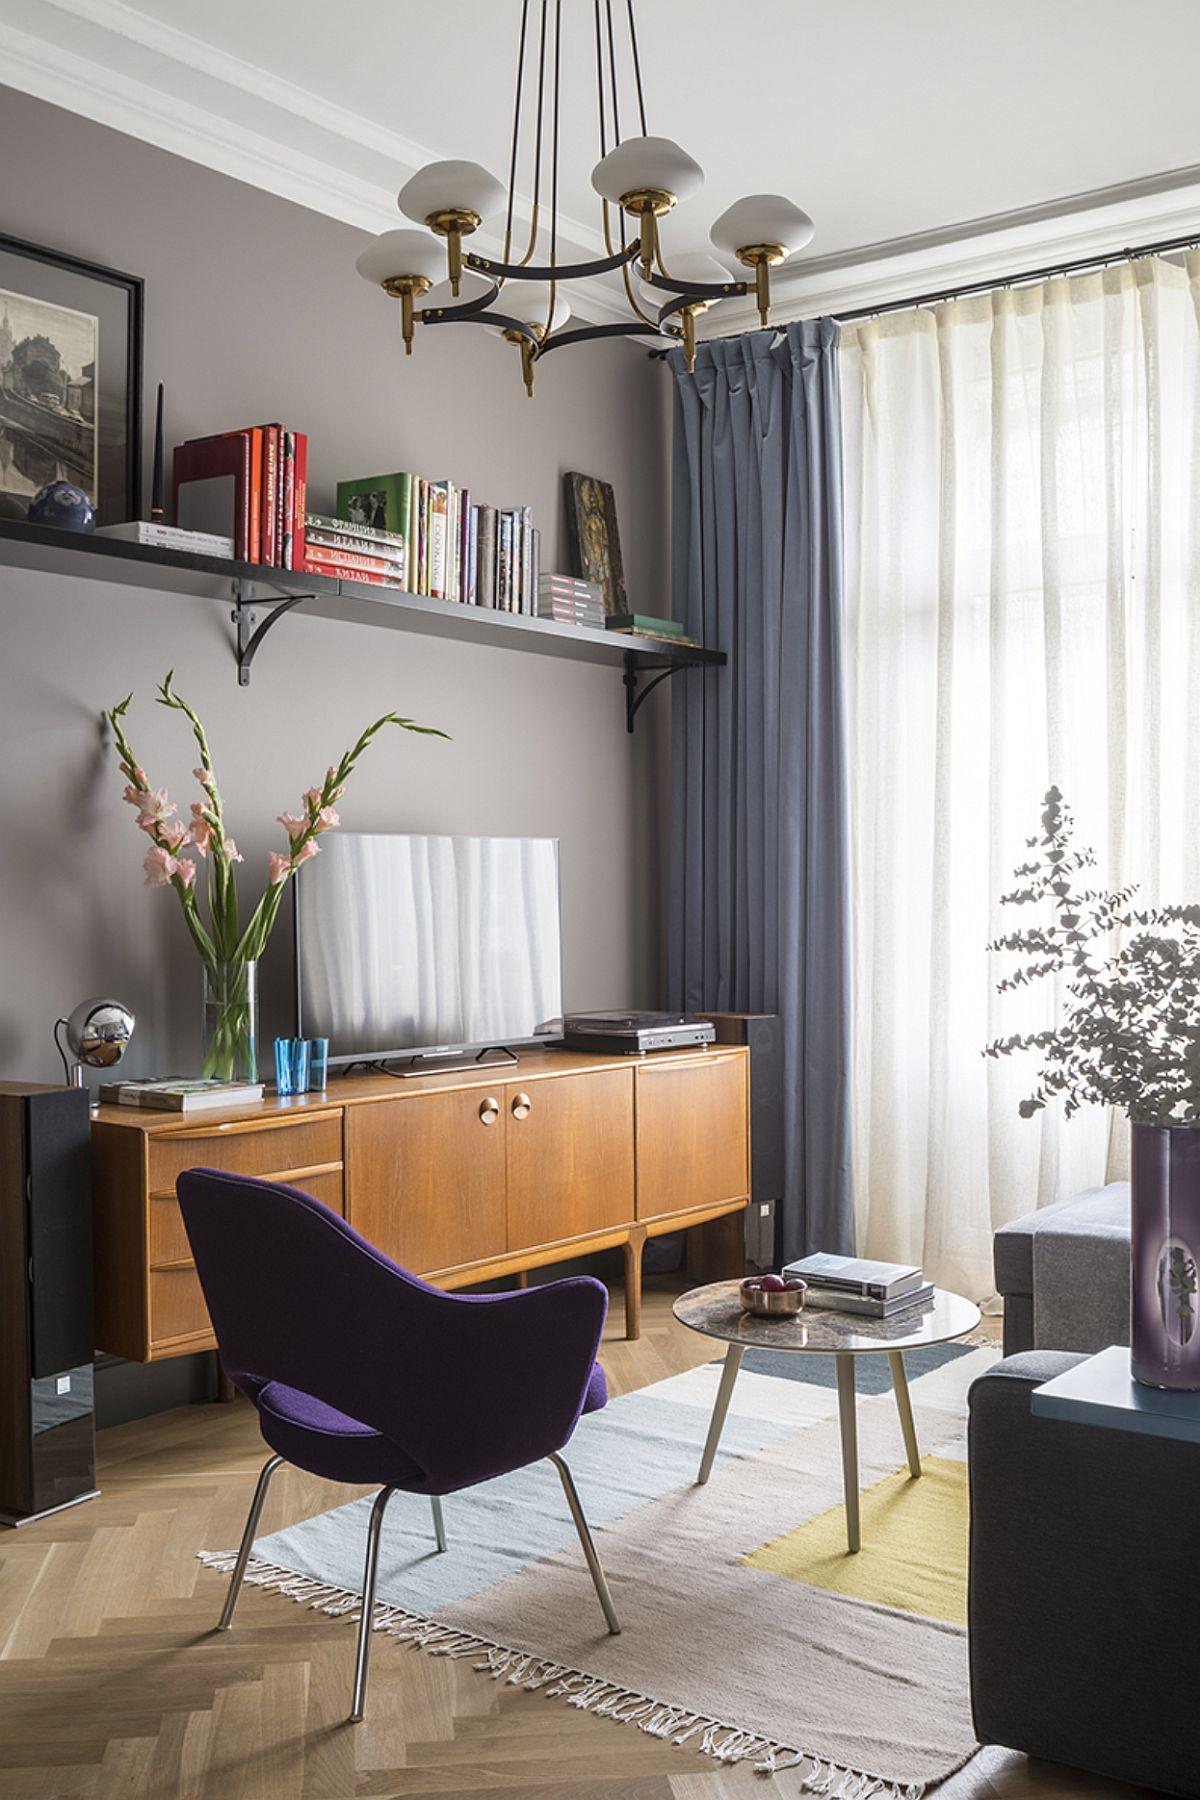 Mobila din camera de zi este minimală, dar cu piese de design vintage. În locul unui ansamblu obișnuit pentru living, un raft superior oferă loc de depozitare și expunere obiecte, dare și ordonează camera. Apoi o comodă joasă servește și ca loc de tv, dar și pentru depozitare.